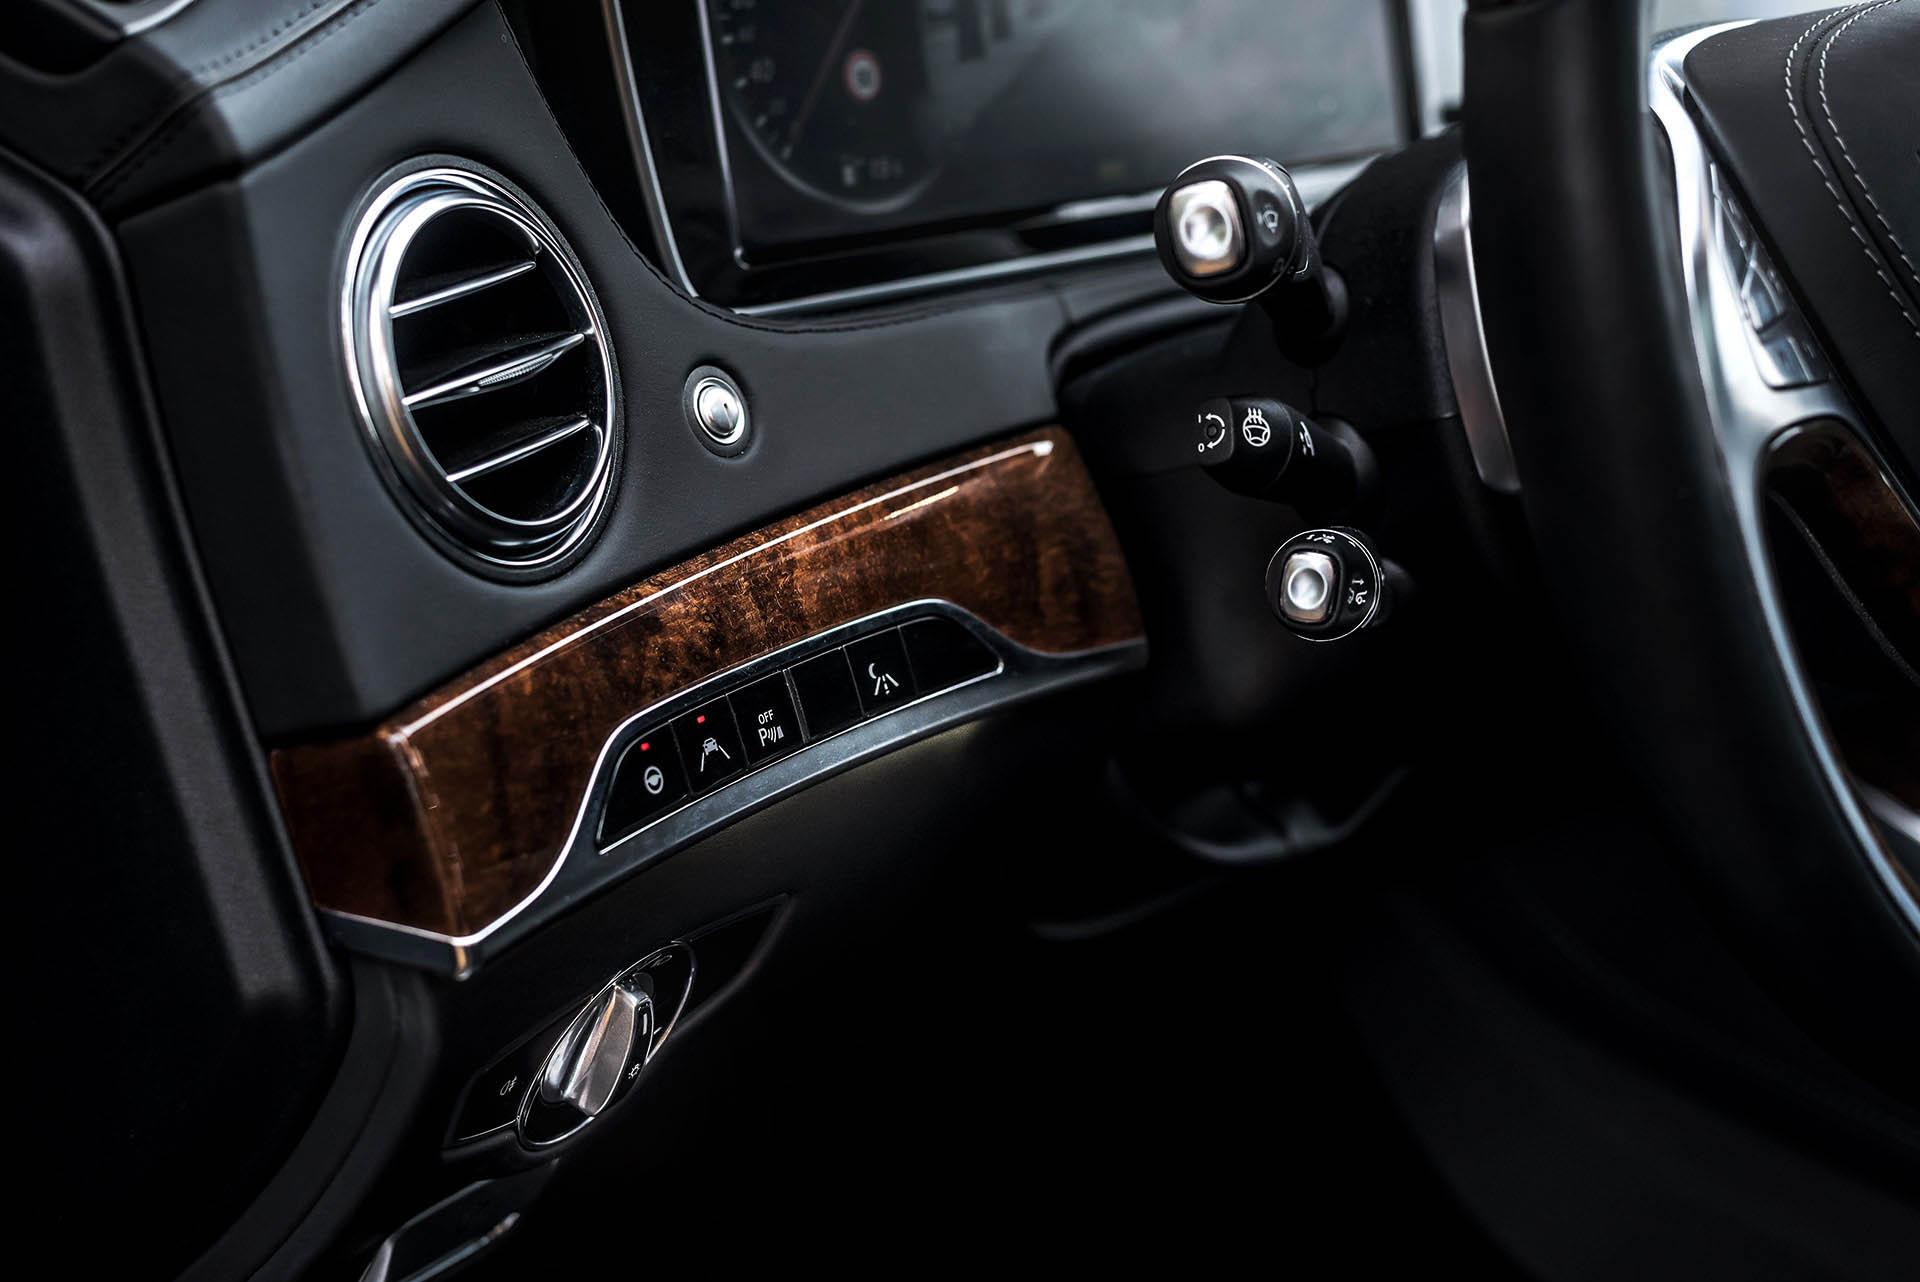 B+K_Sportwagen_Rheinland_GmbH_Mercedes_Benz_Sklasse_500_schwarz_14